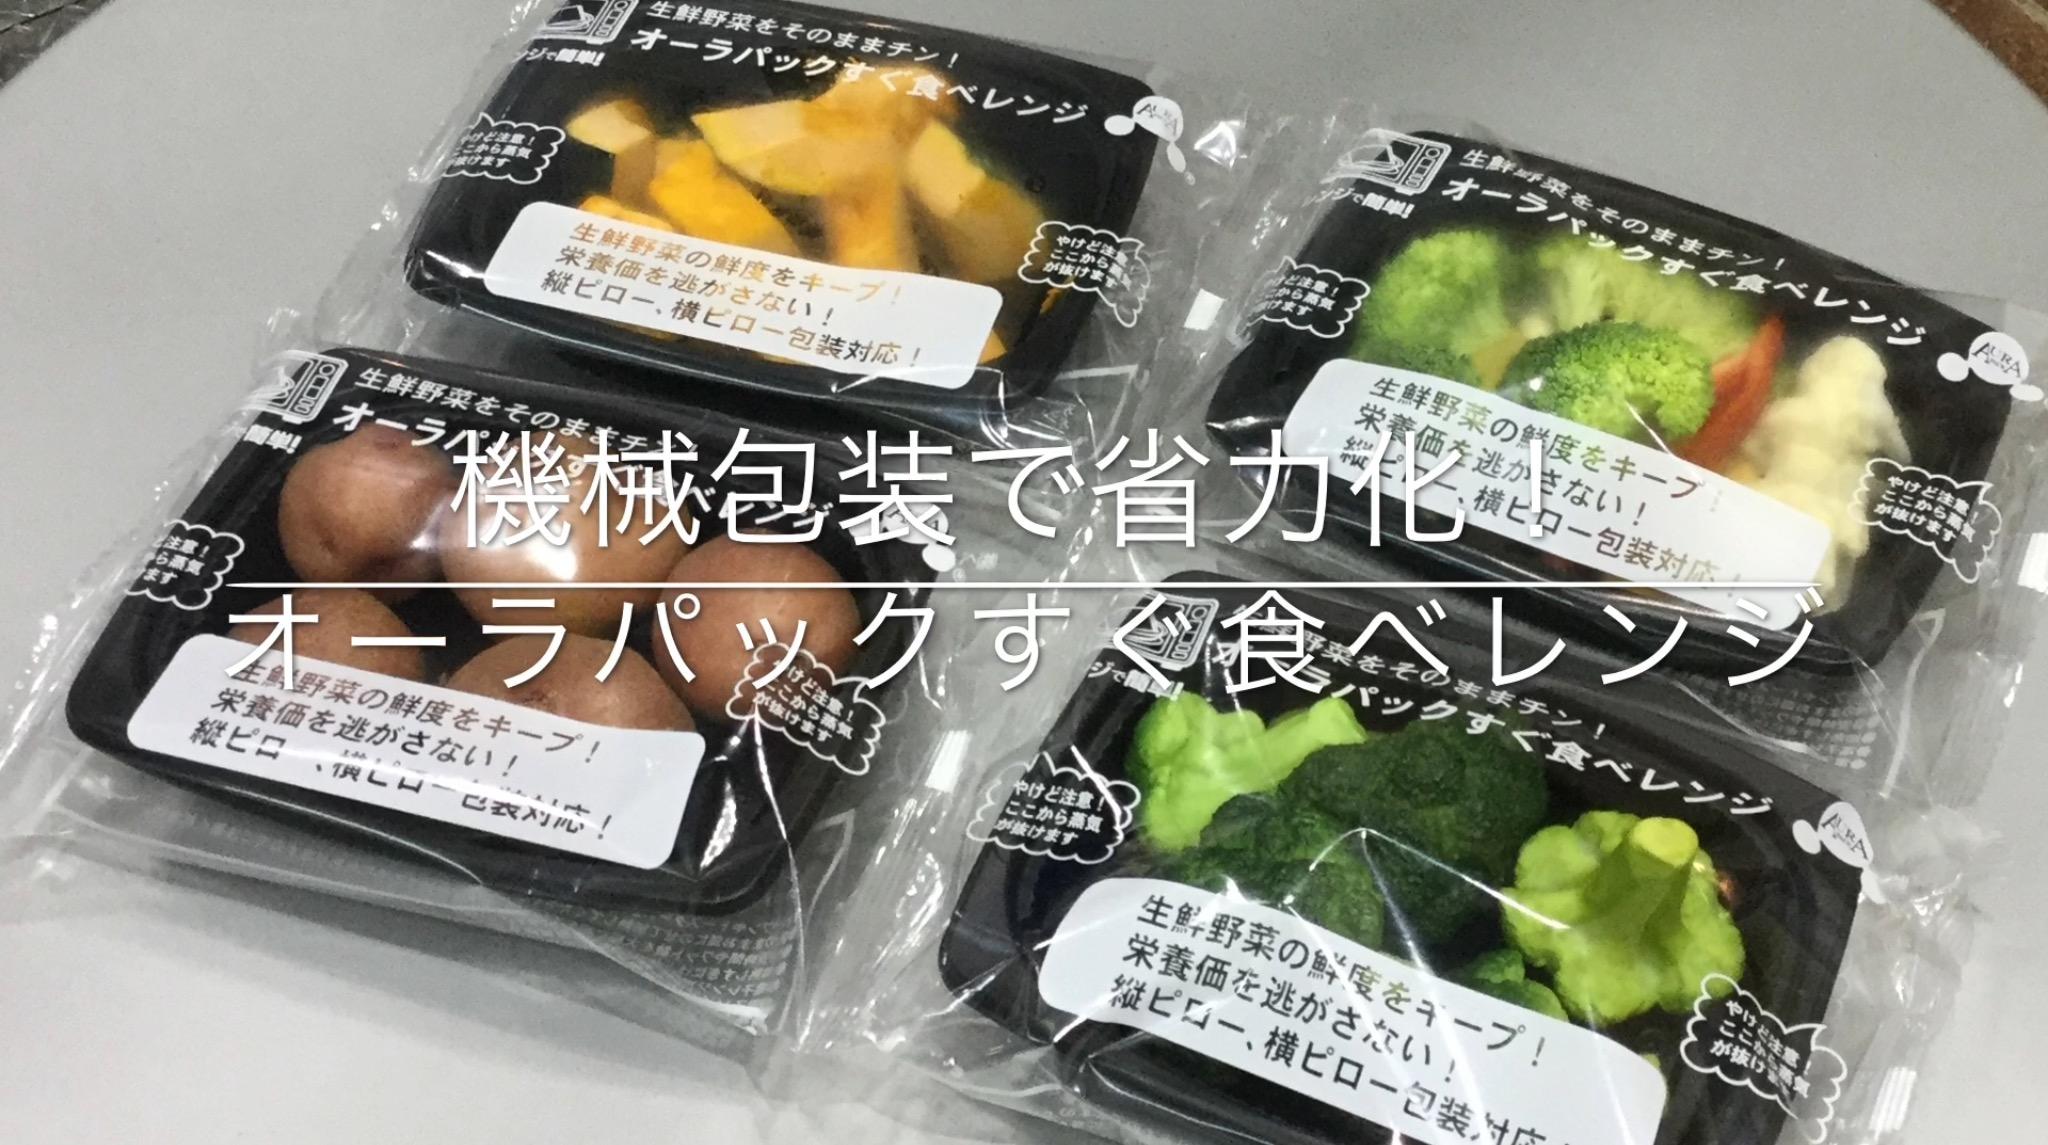 機械包装用ロールフィルムのご紹介/オーラパックすぐ食べレンジ